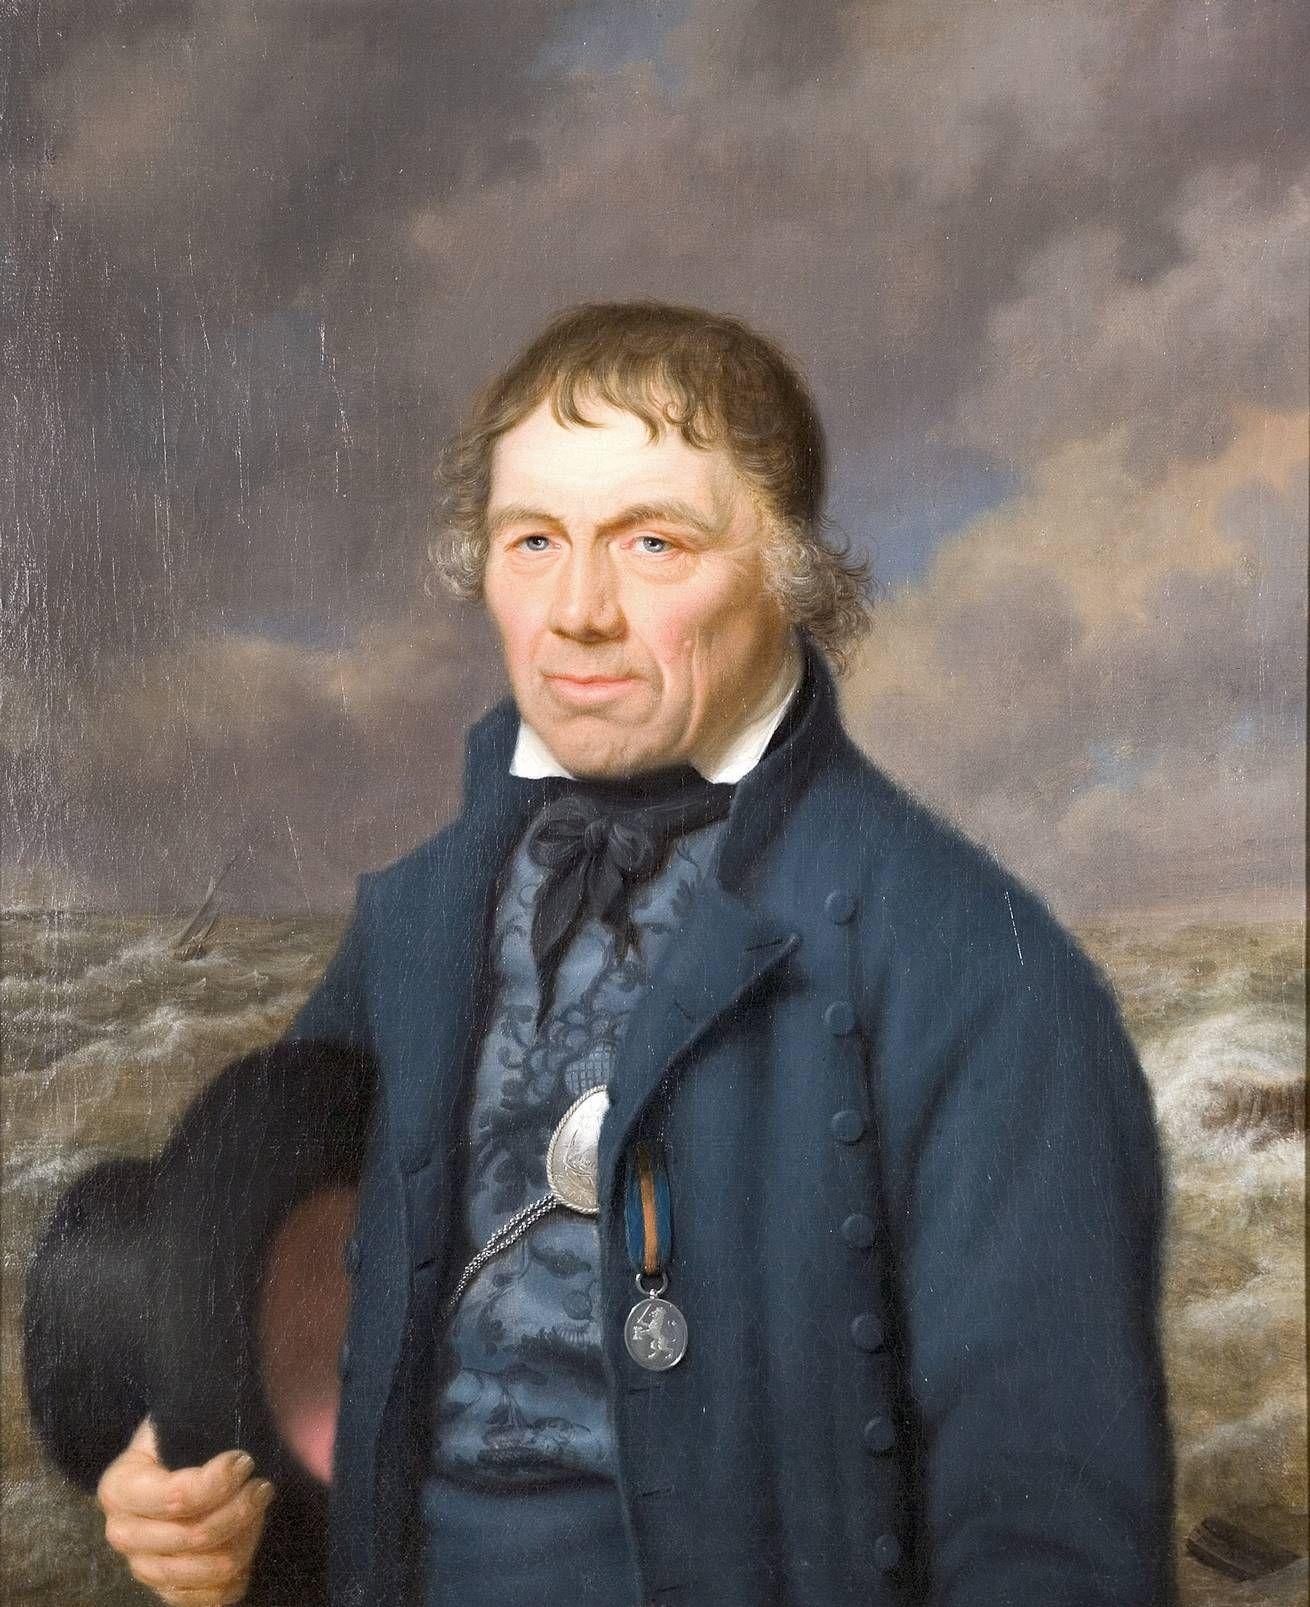 Portret van Naerebout door J.P. Bourje, voor 1817. (MuZEEum, coll. KZGW)